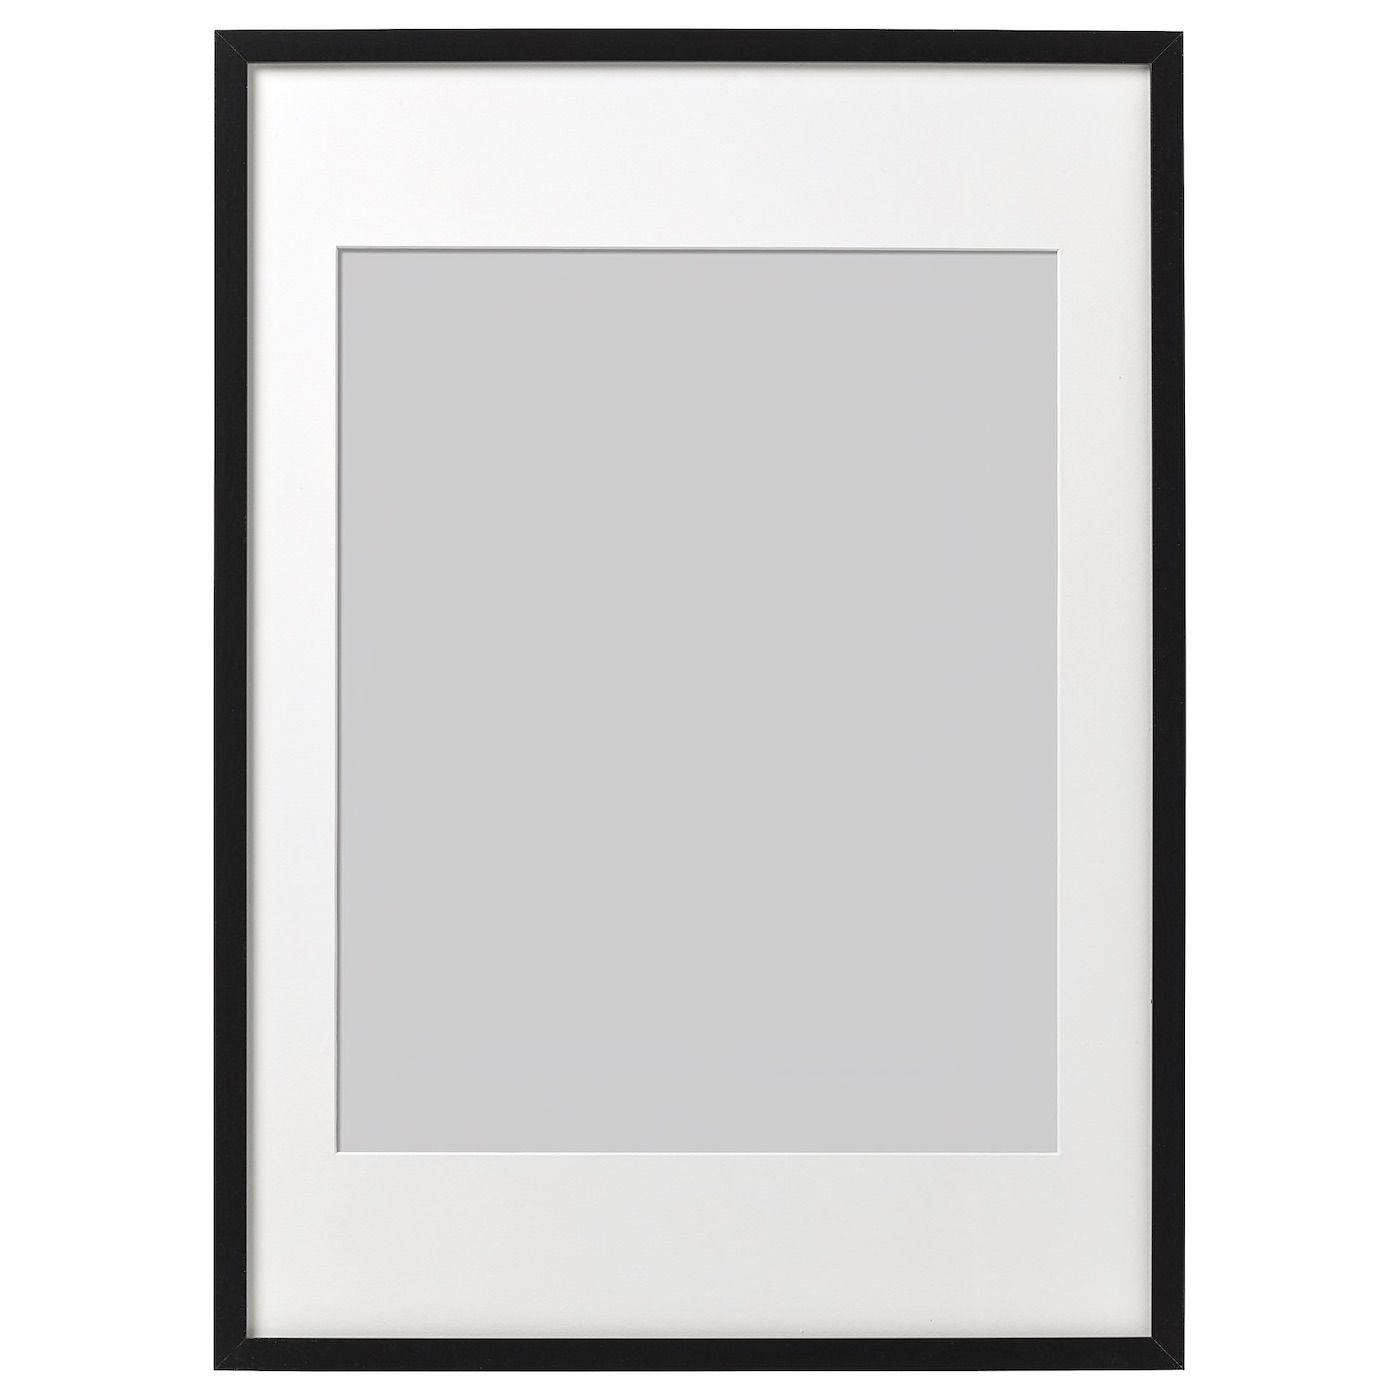 Ribba Fotolijst Zwart 50x70 Cm Ikea In 2020 Muur Met Lijstjes Ikea Zwart